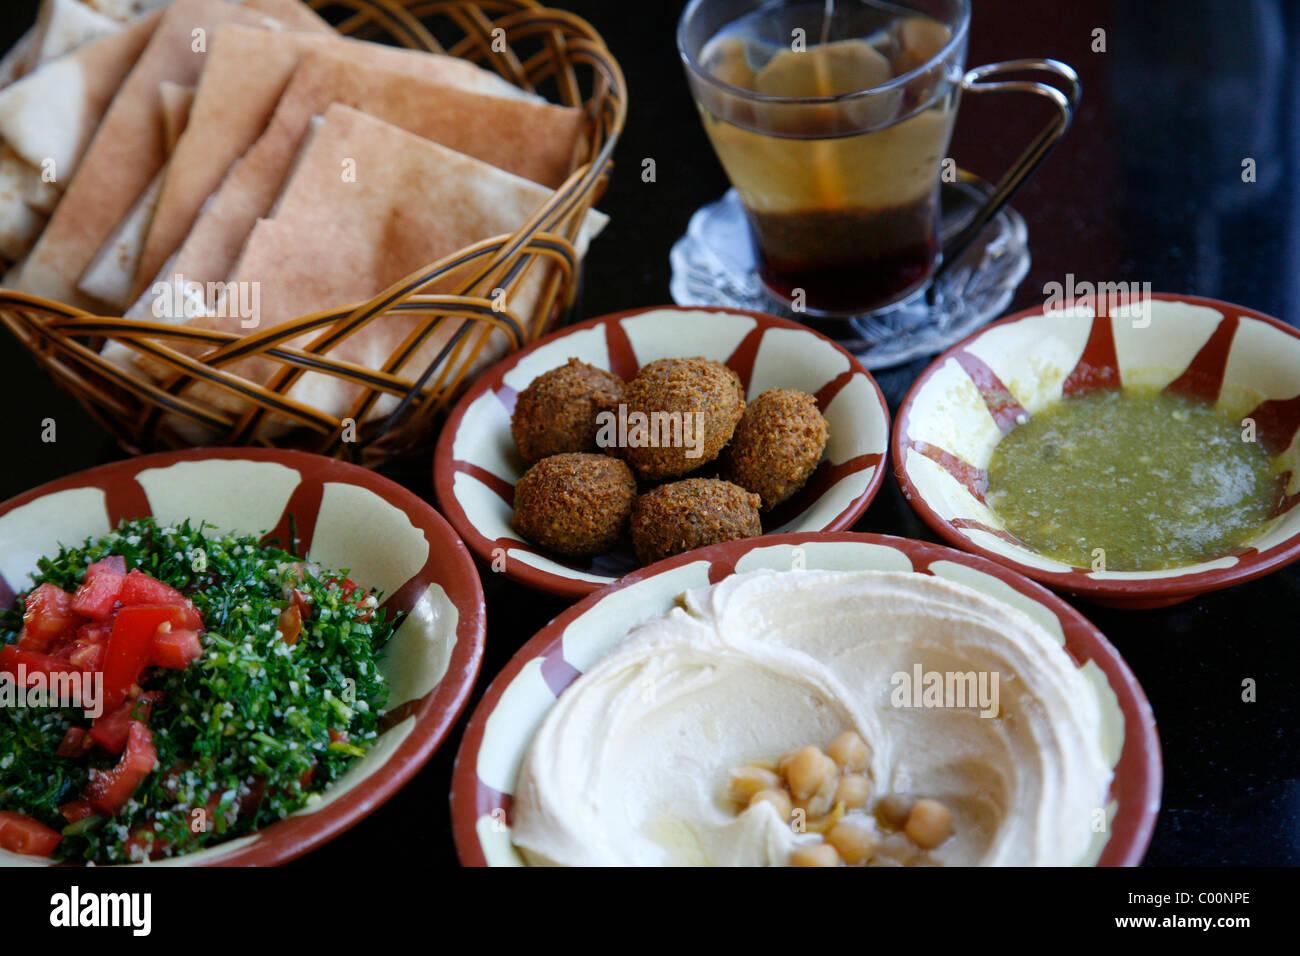 Desayuno típico de falafel hummus, ensalada y pan de pita, Aqaba, Jordania. Foto de stock